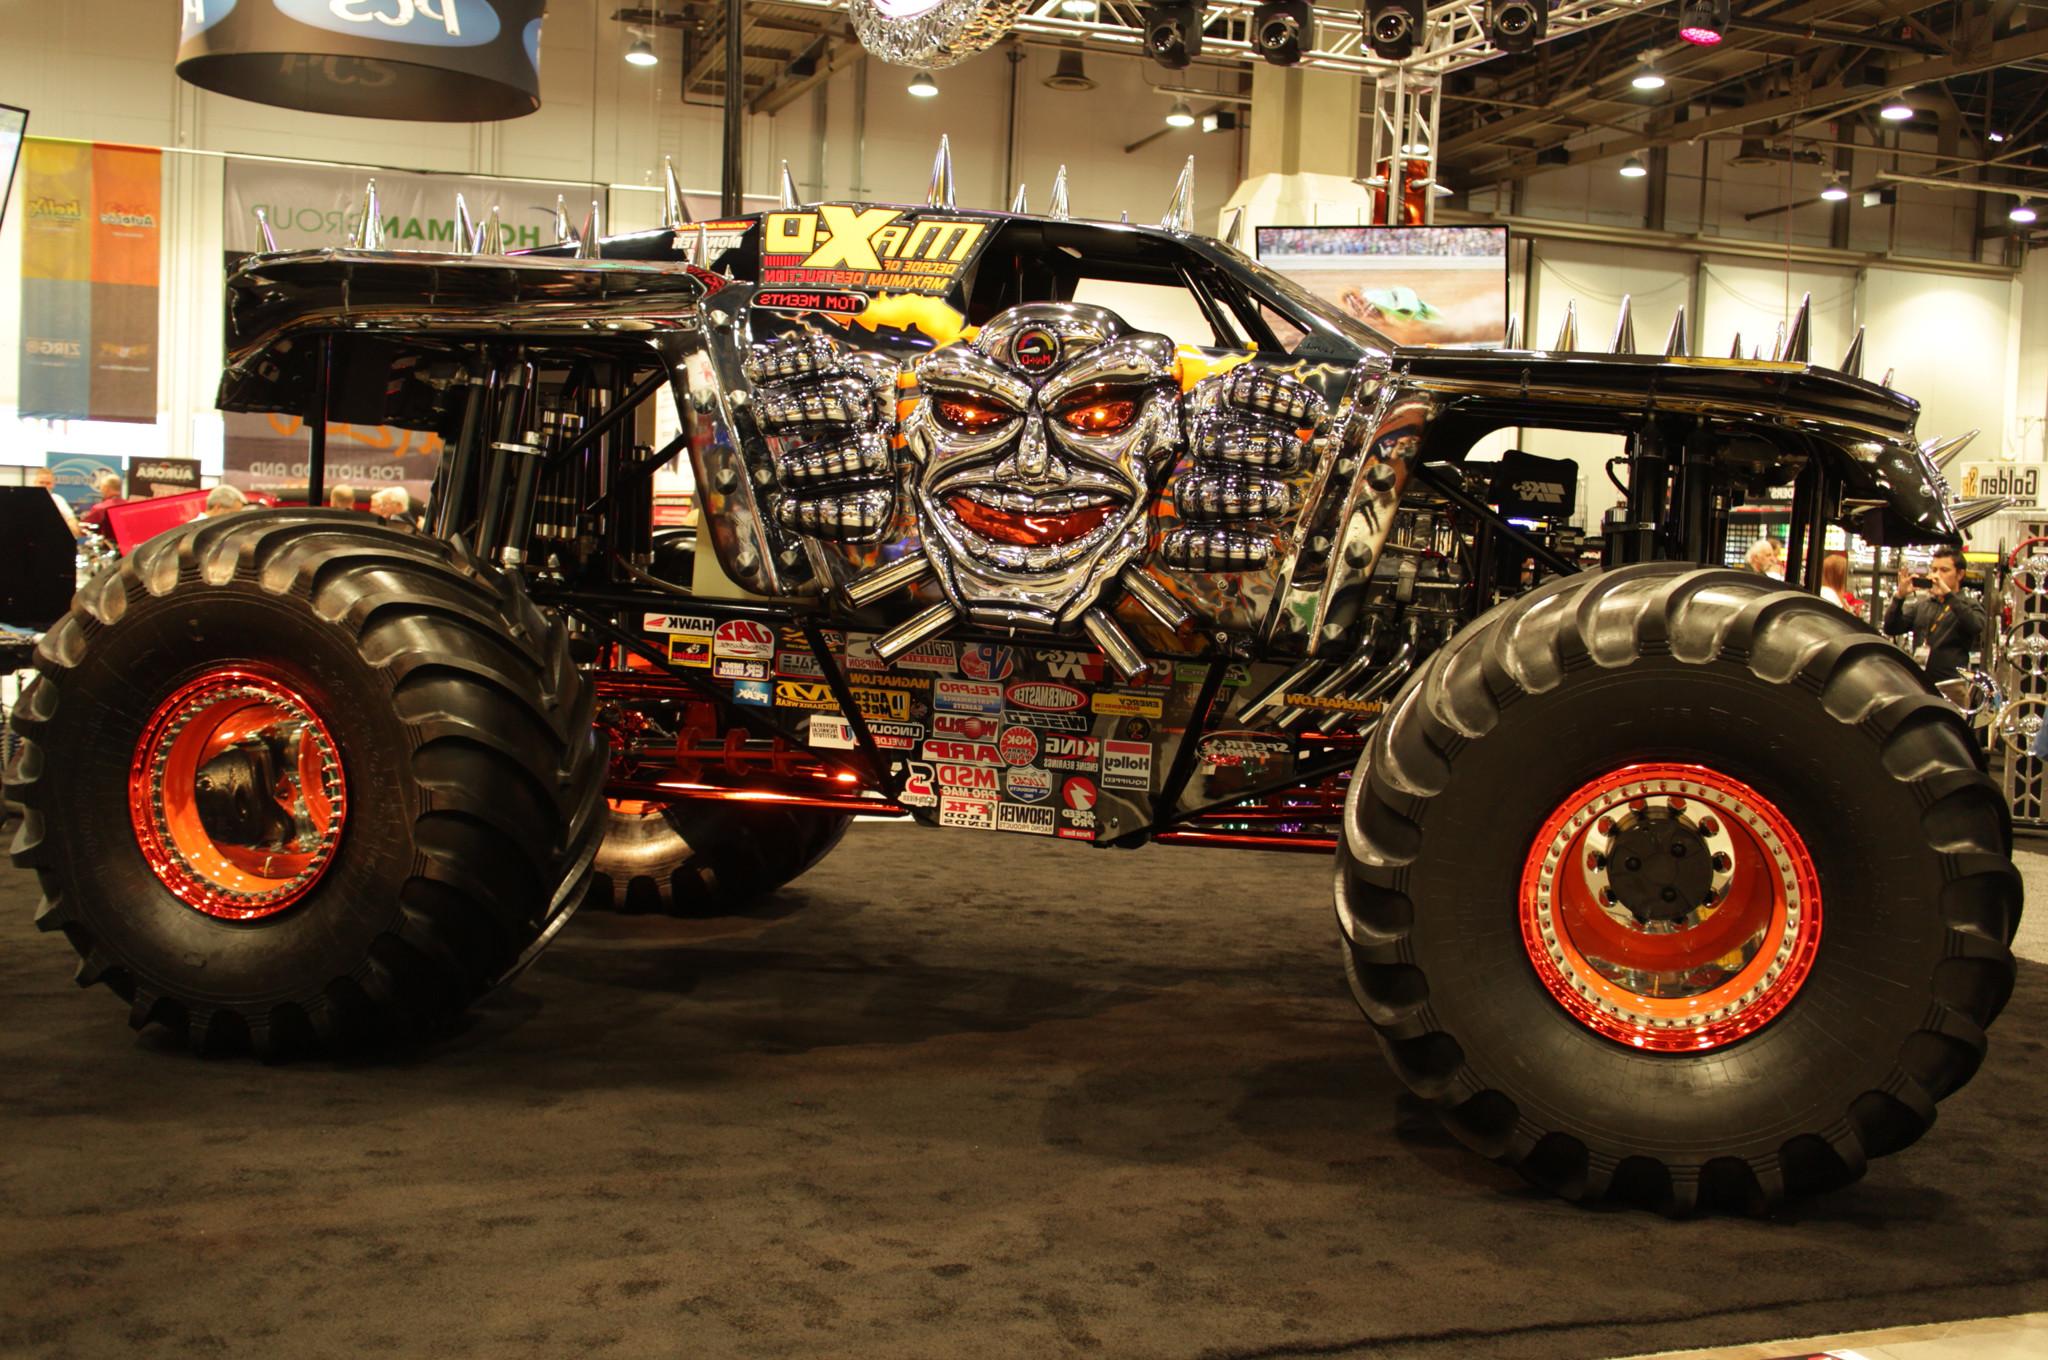 2014 Monster Trucks 16753 Wallpaper Wallpaper hd 2048x1360